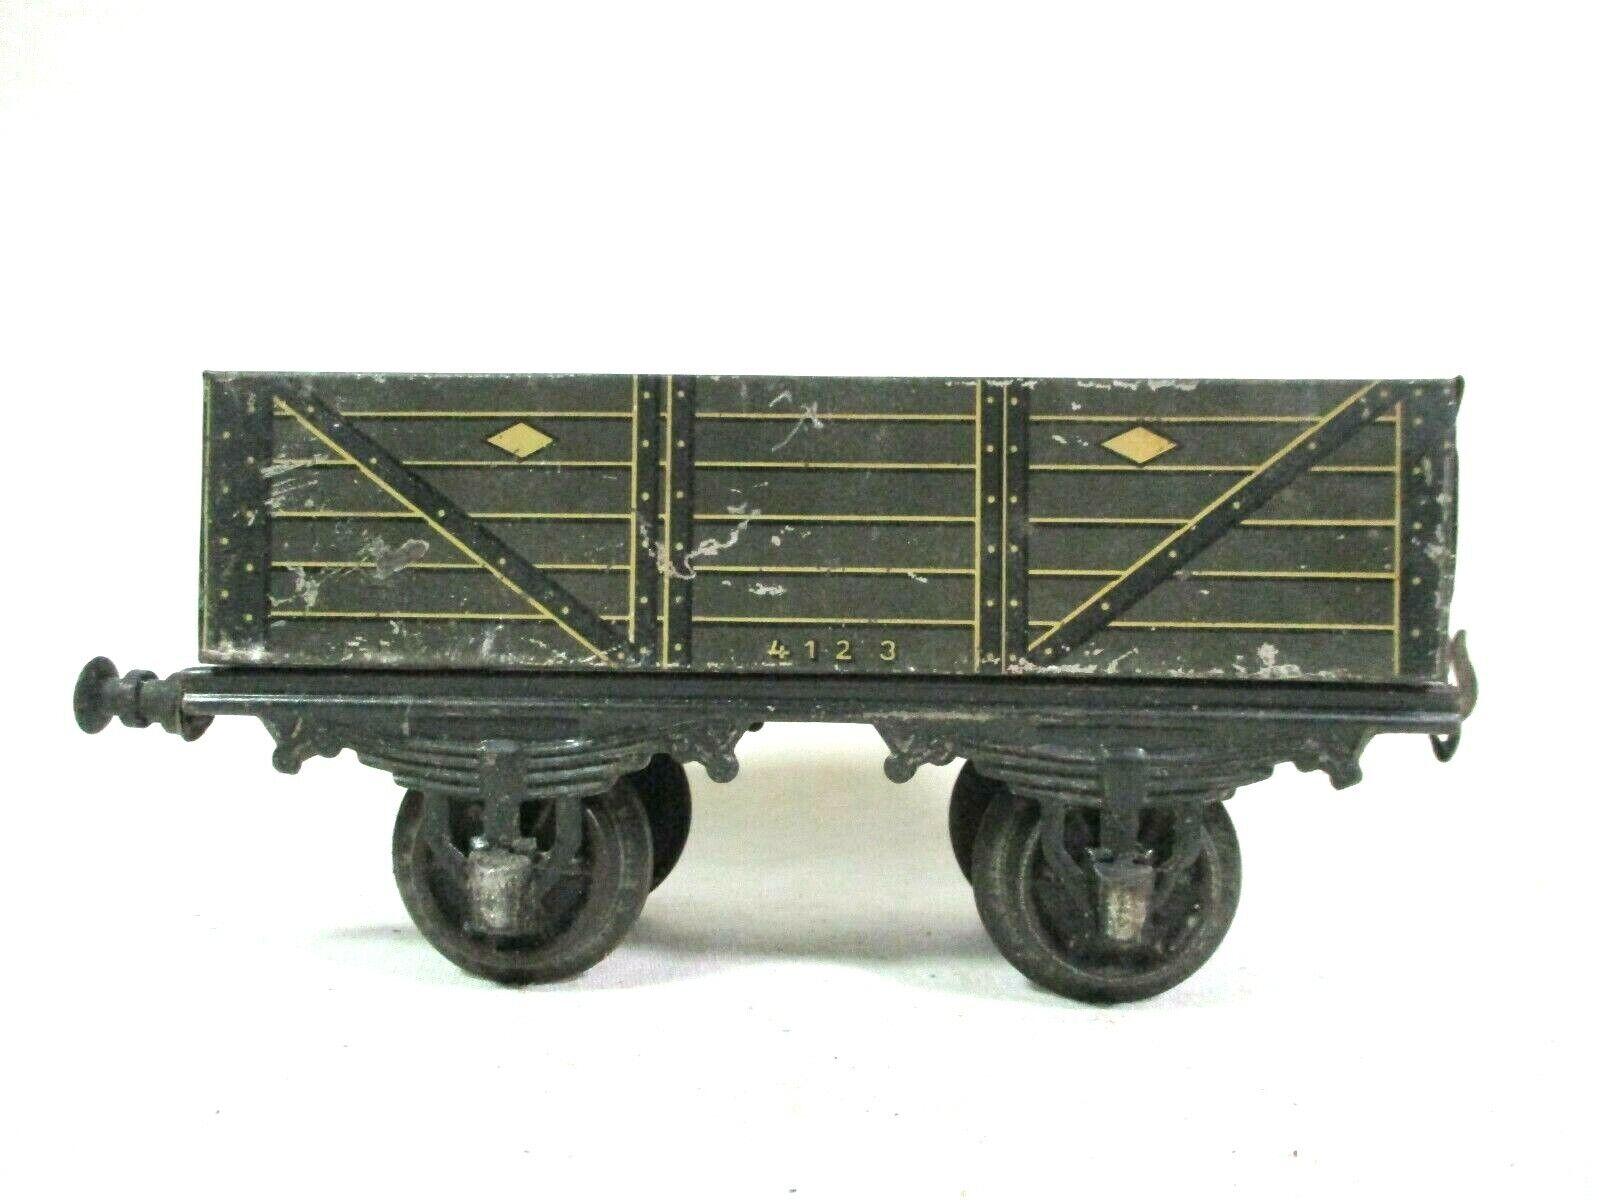 Bing LNWR 1 Gauge Gondola Vintage Model Railway Train Freight Car B62-27